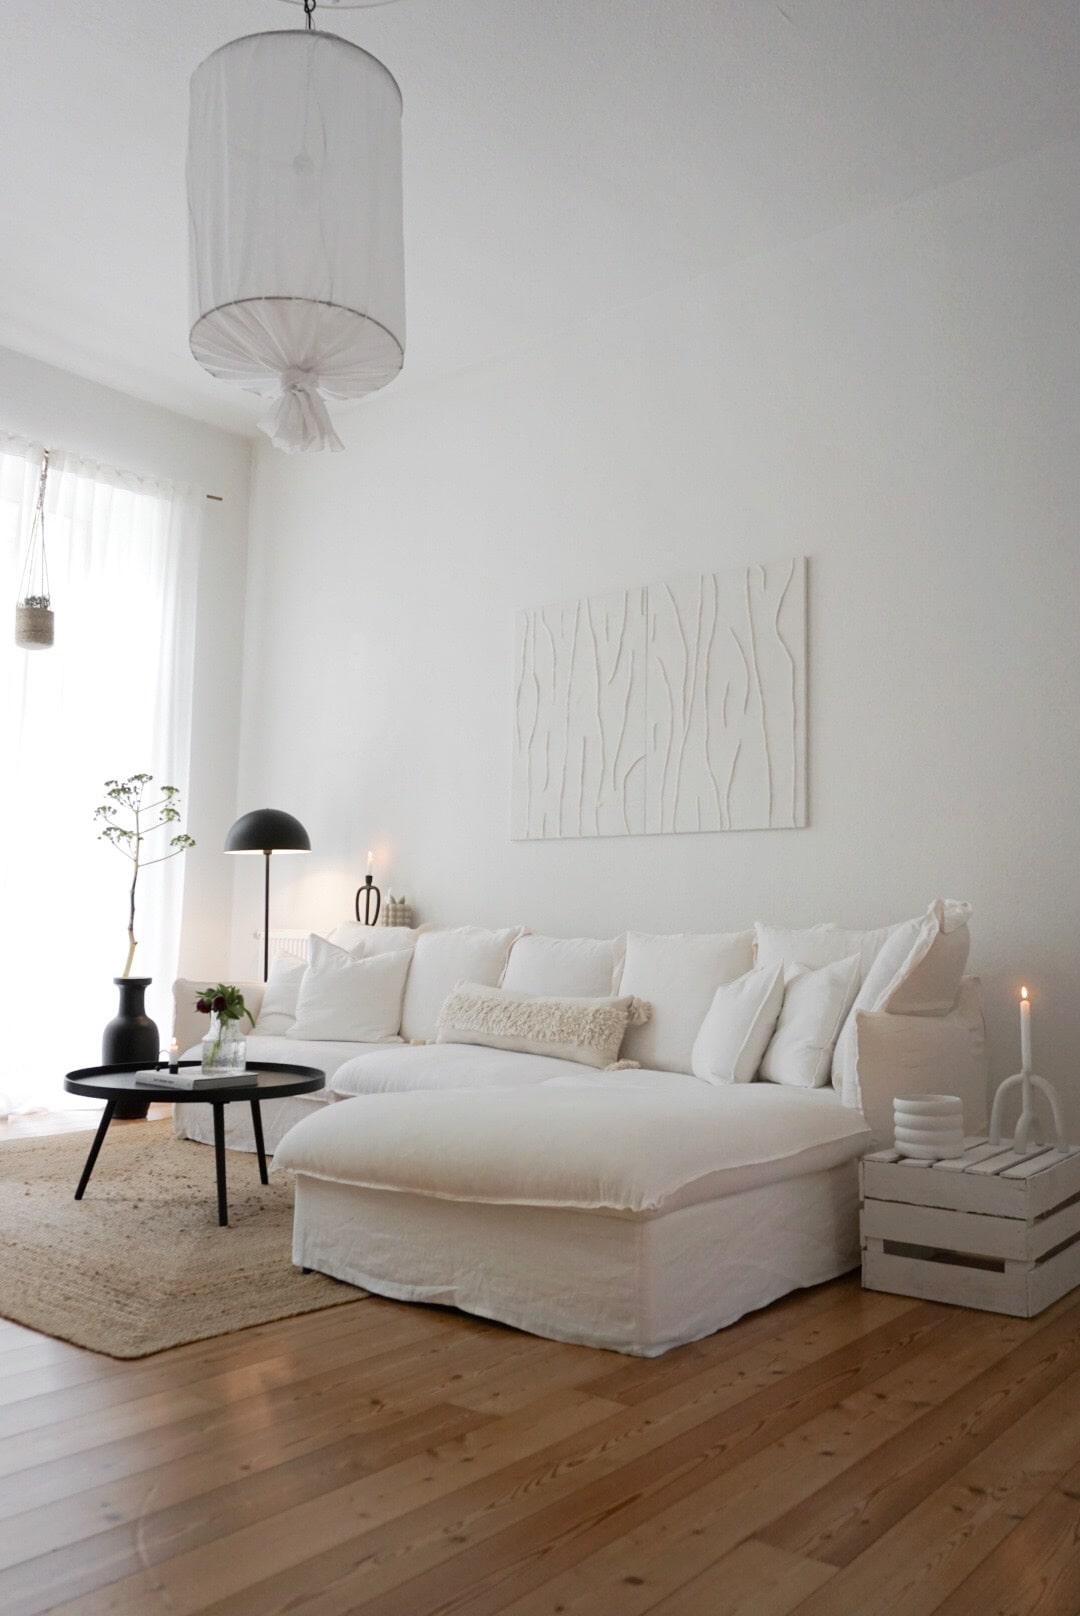 Homestory - Bei Lesern Zuhause - Homestory: mit Alina im Traum-Altbauwohung - so geht's einfach Desmondo dein online Magazin und Shop